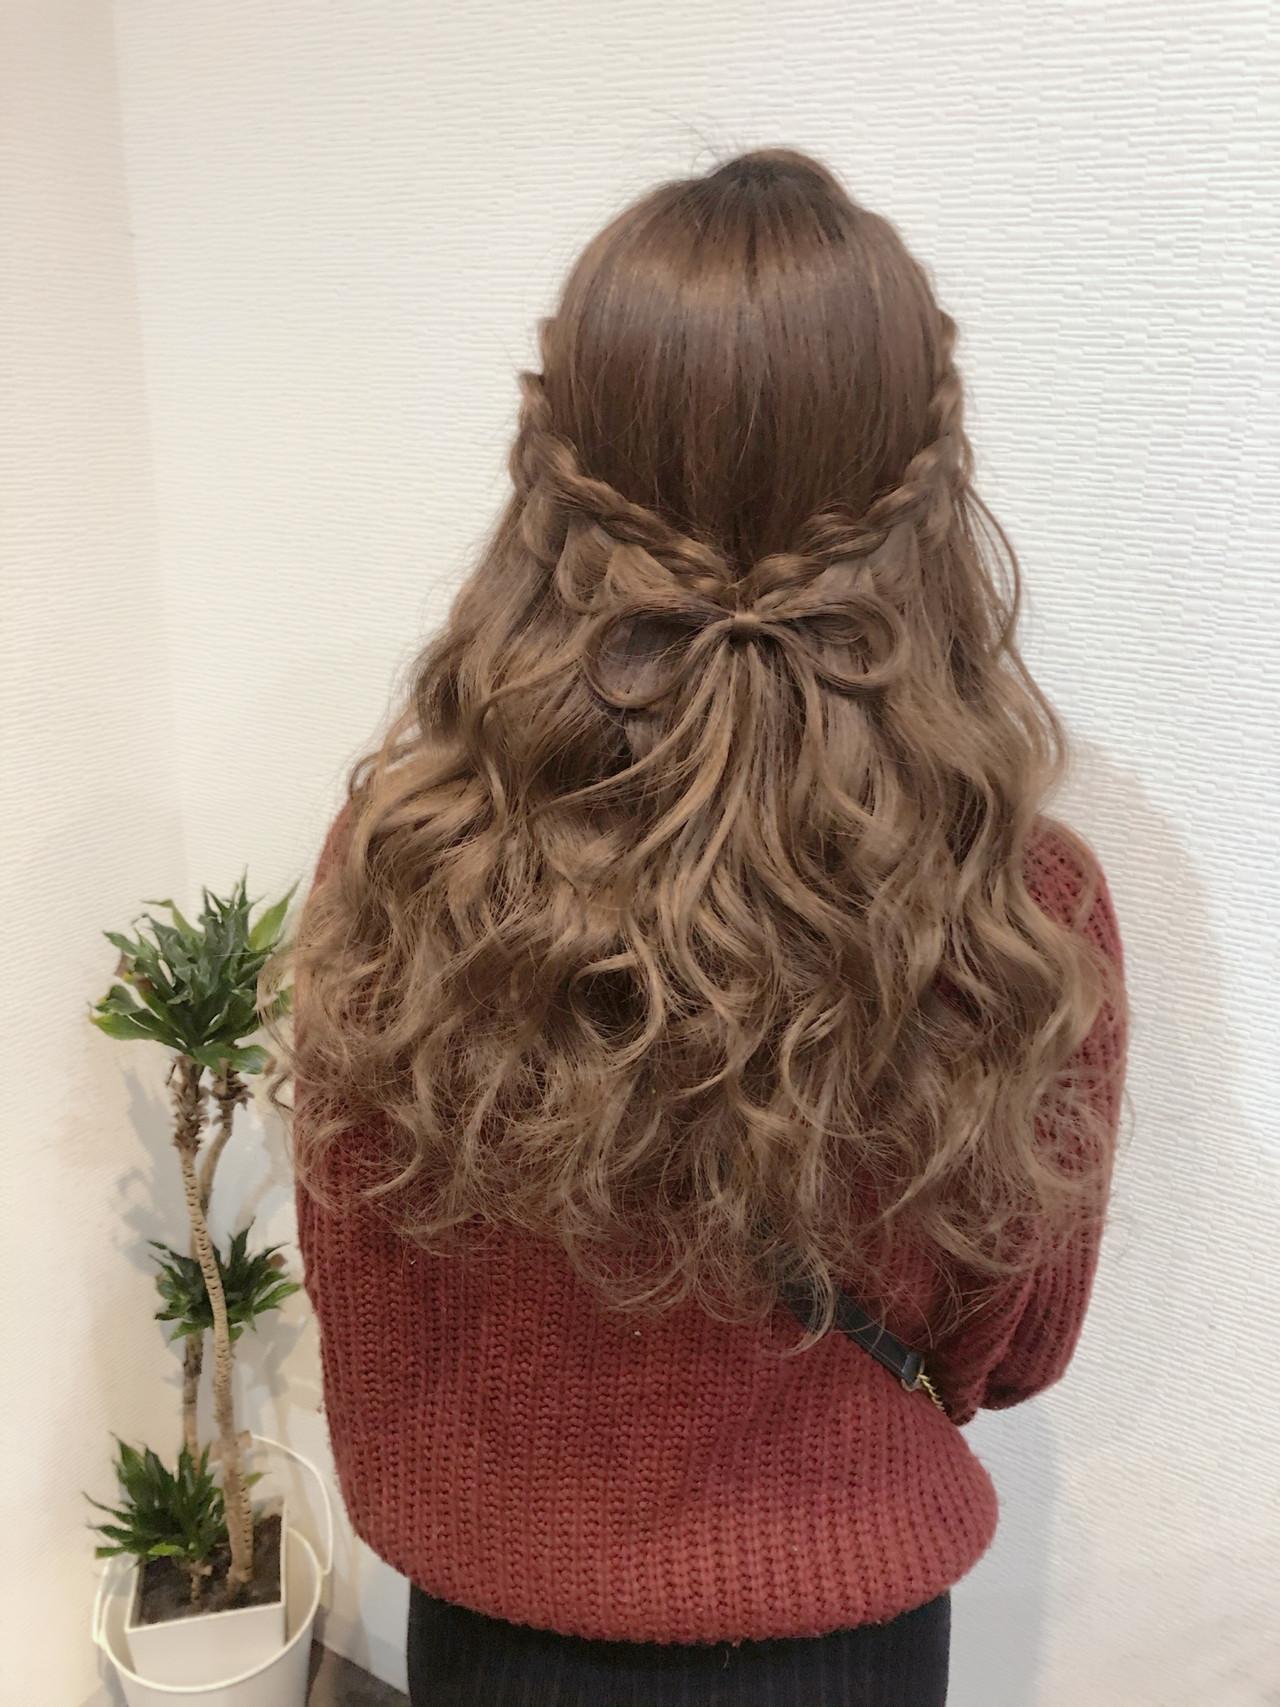 りぼん 編み込みヘア ハーフアップ 編み込み ヘアスタイルや髪型の写真・画像